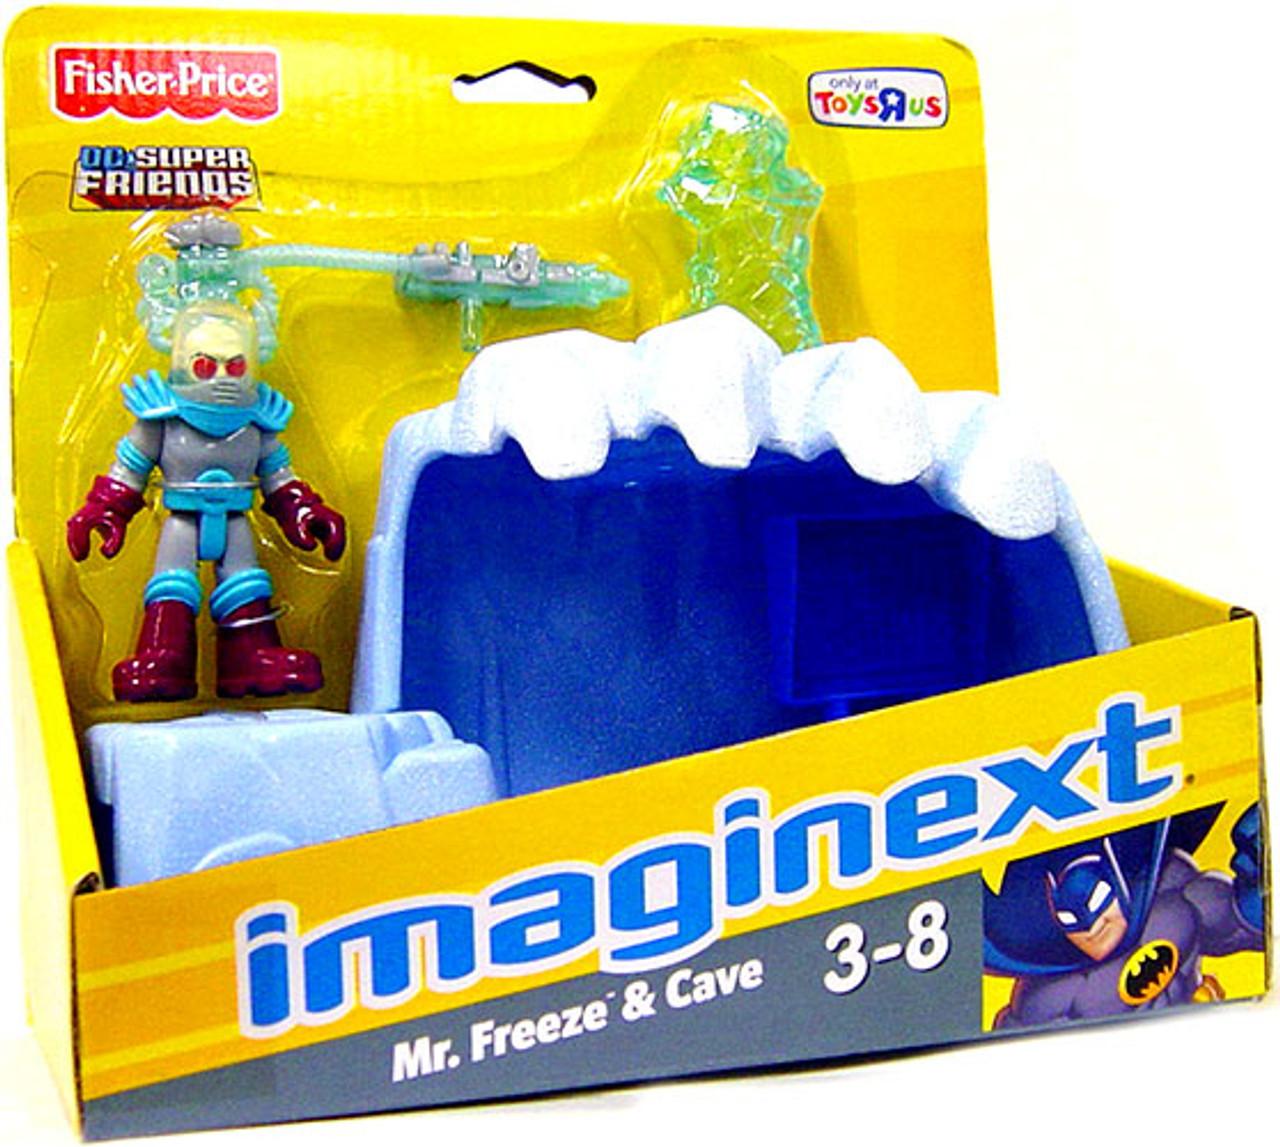 Fisher Price DC Super Friends Batman Imaginext Mr. Freeze & Cave Exclusive 3-Inch Figure Set